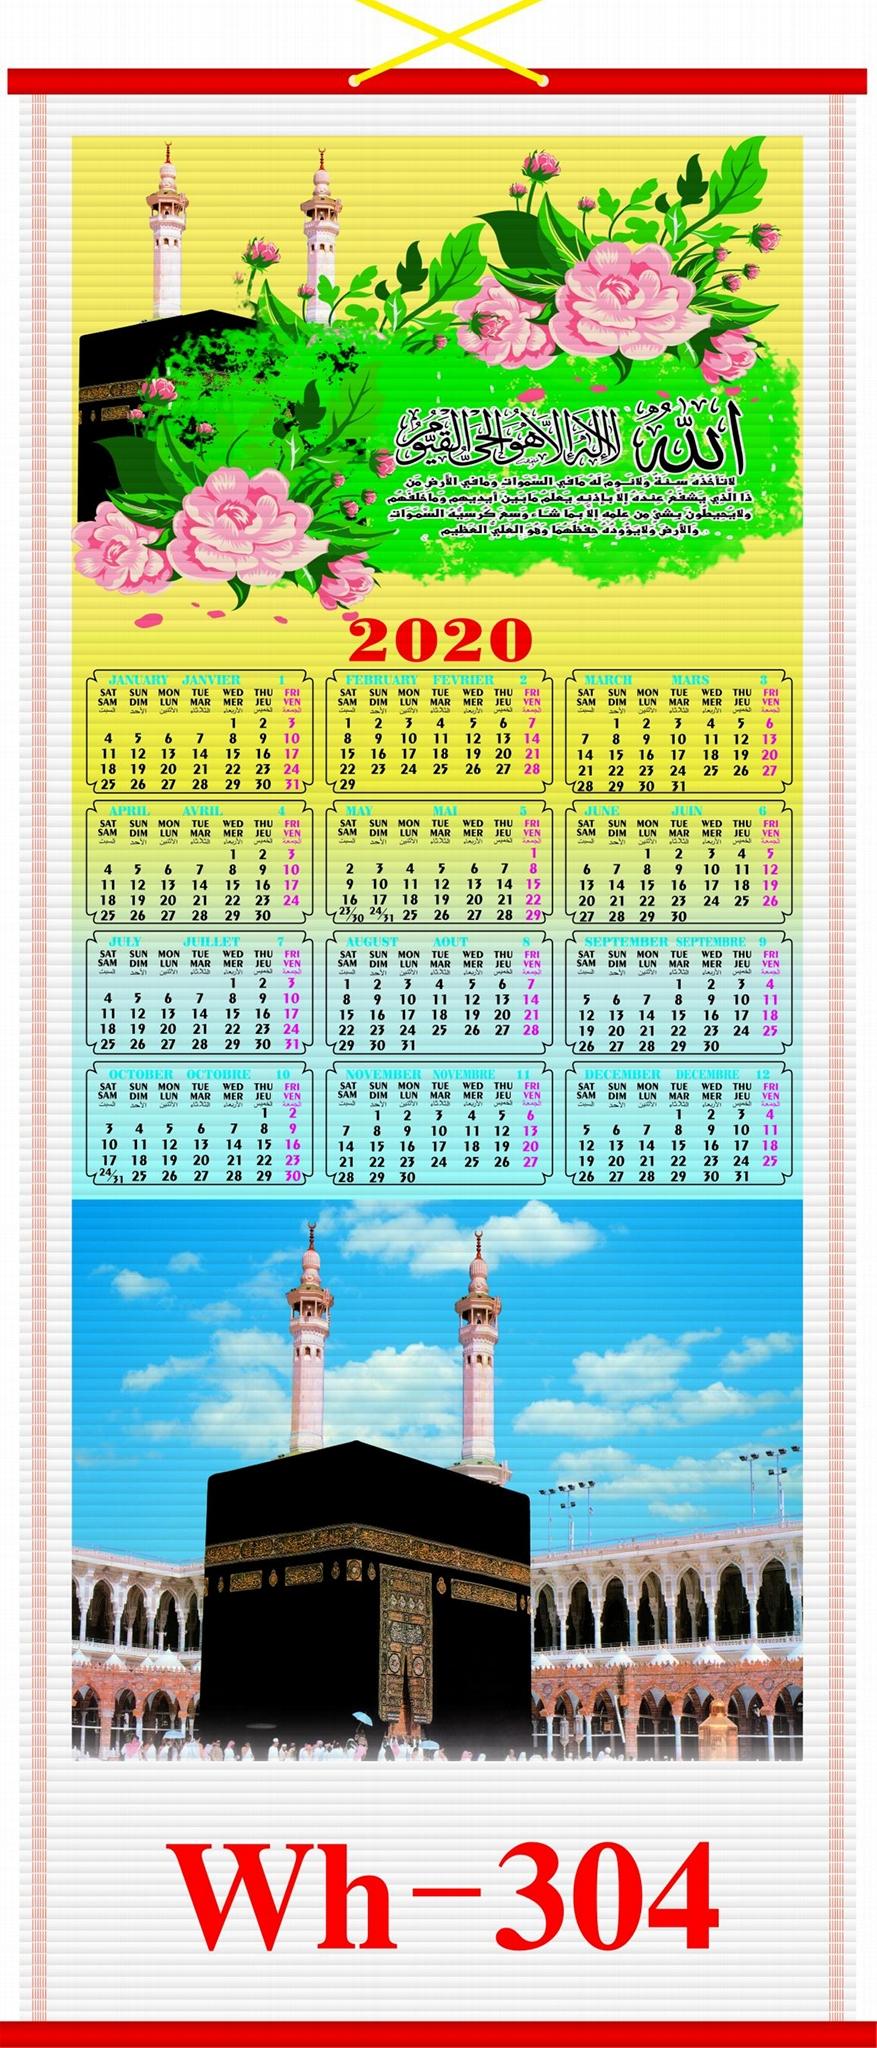 2020 ISLAMIC CANE  WALLSCROLL CALENDAR 4